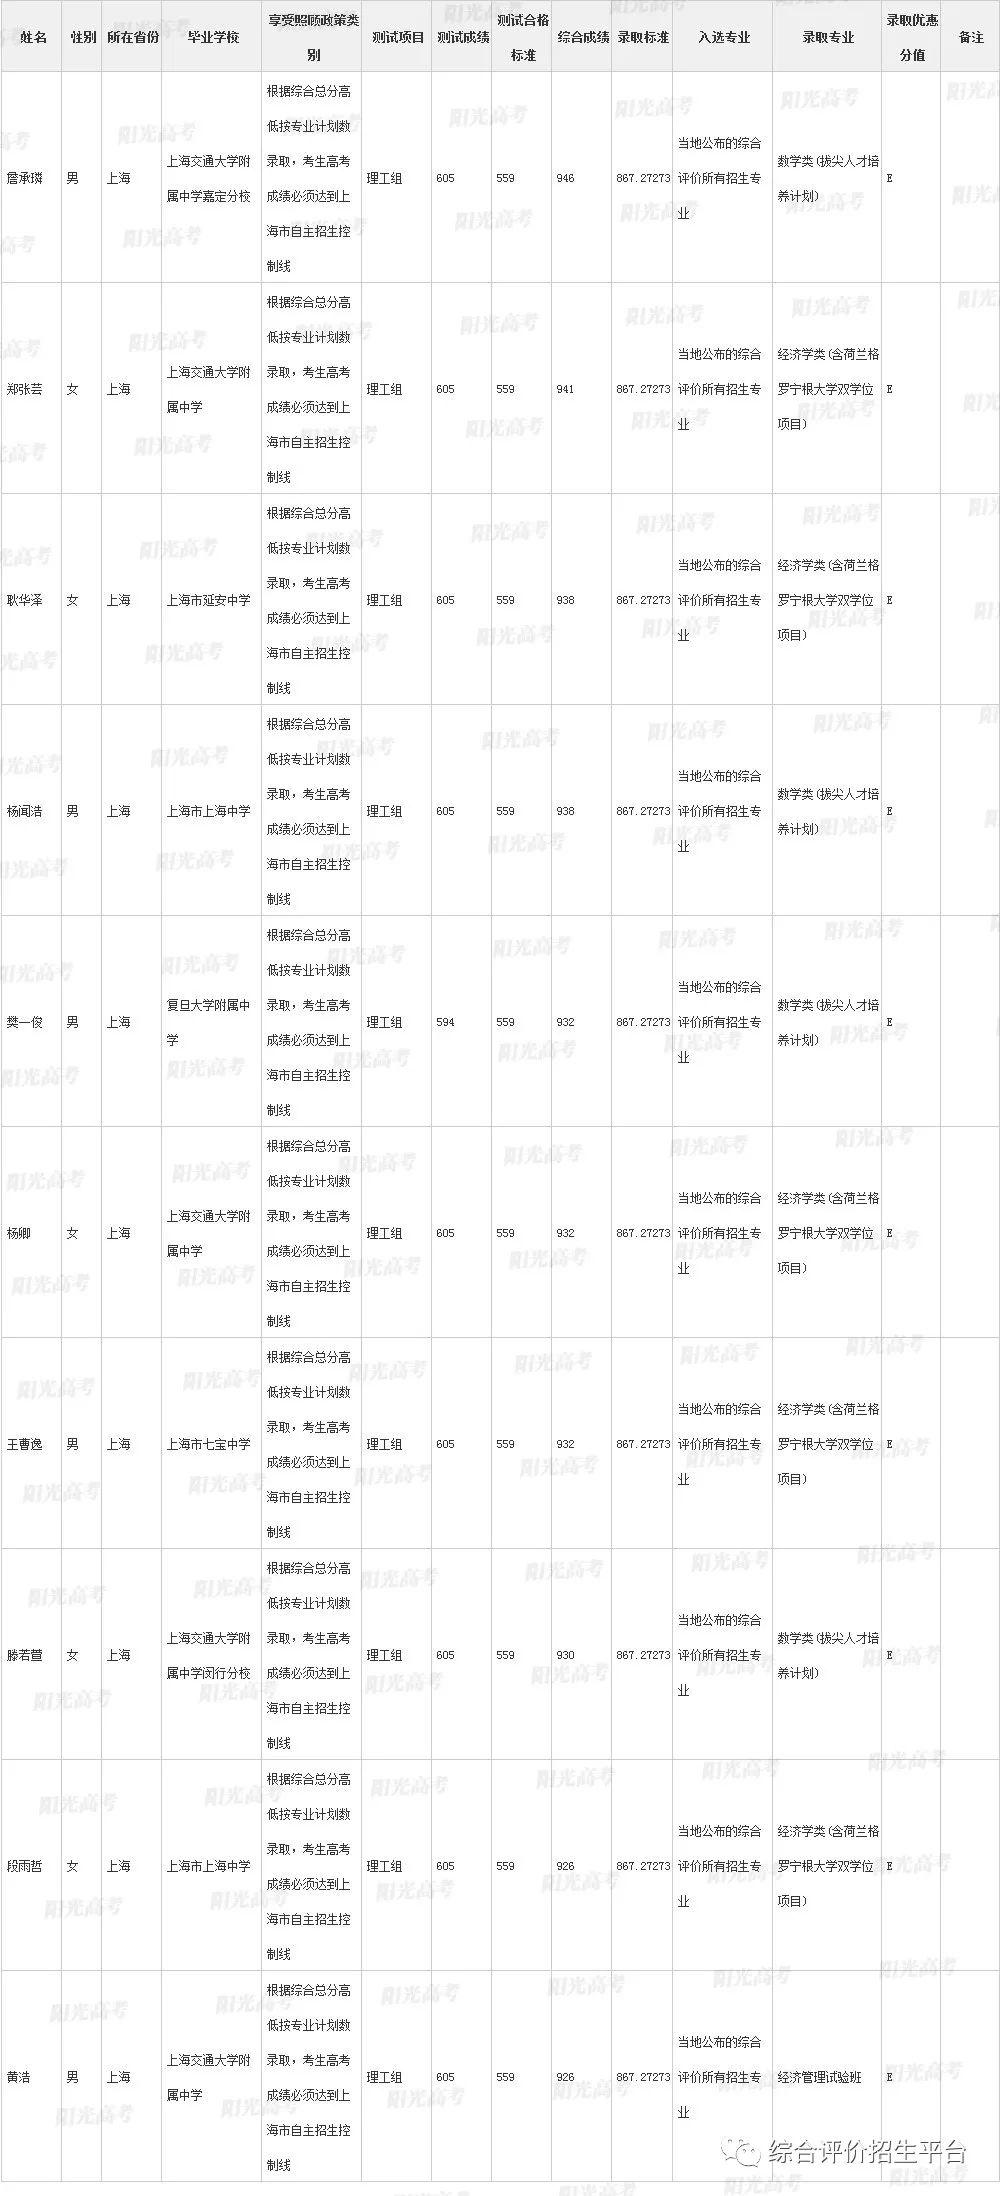 复旦、上交、浙大、同济、华东师范大学2019年上海市综合评价录取考生名单公示!